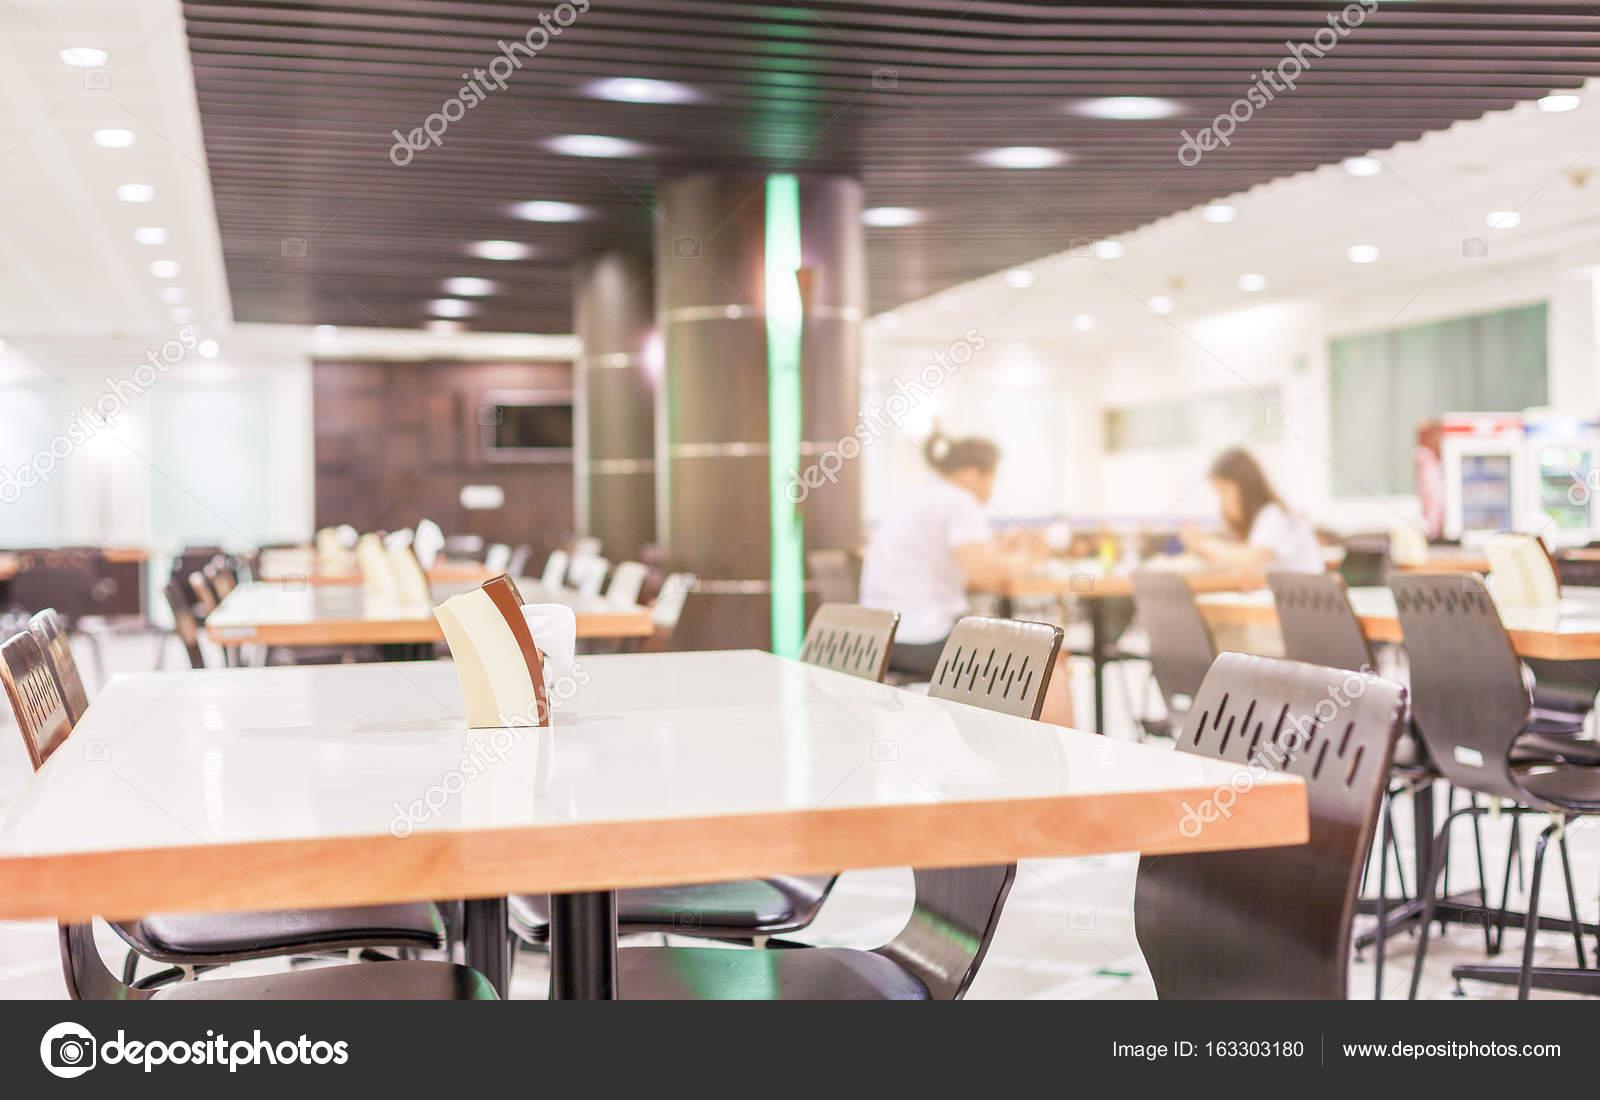 modern interieur van cafetaria of kantine met stoelen en tafels stockfoto